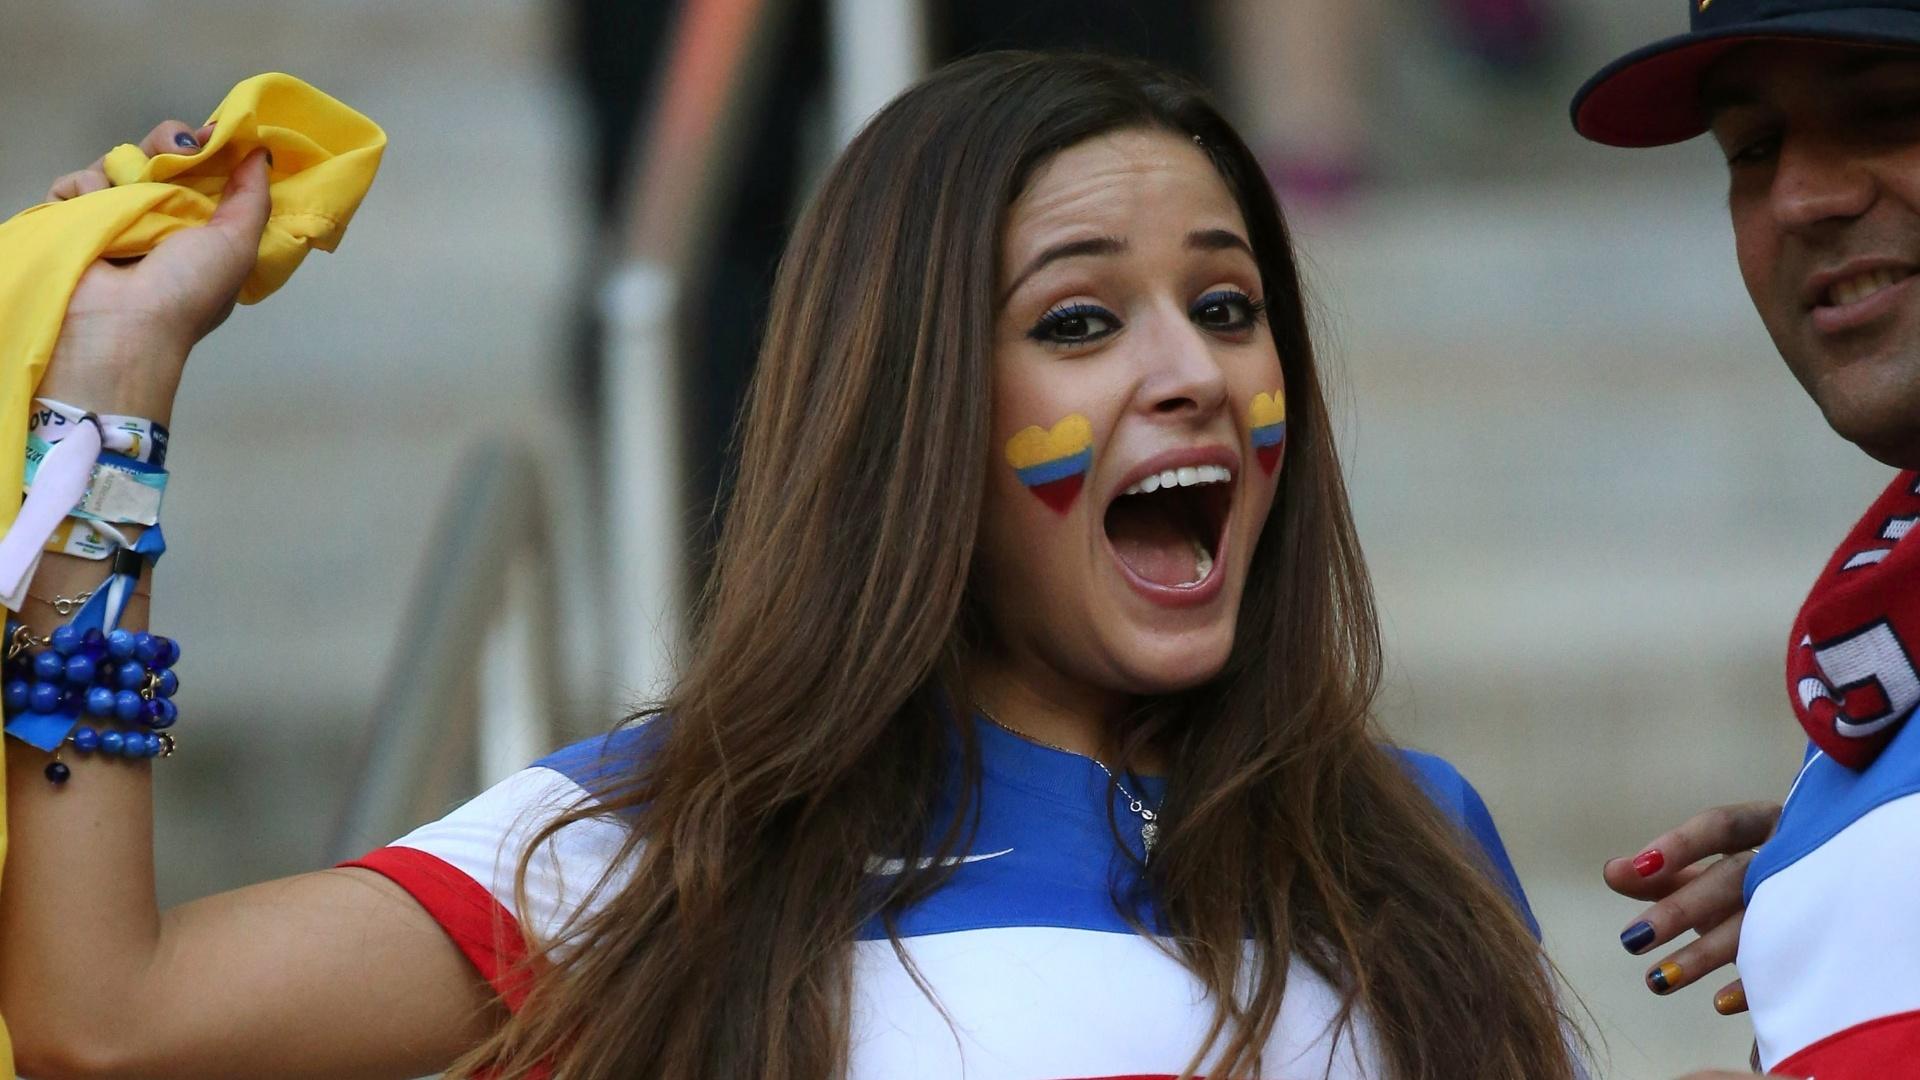 Depois de assistir às vitórias dos Estados Unidos contra Gana e da Colômbia em cima da Grécia, ela viu Portugal empatar no último lance da partida e frustrar os americanos em Manaus